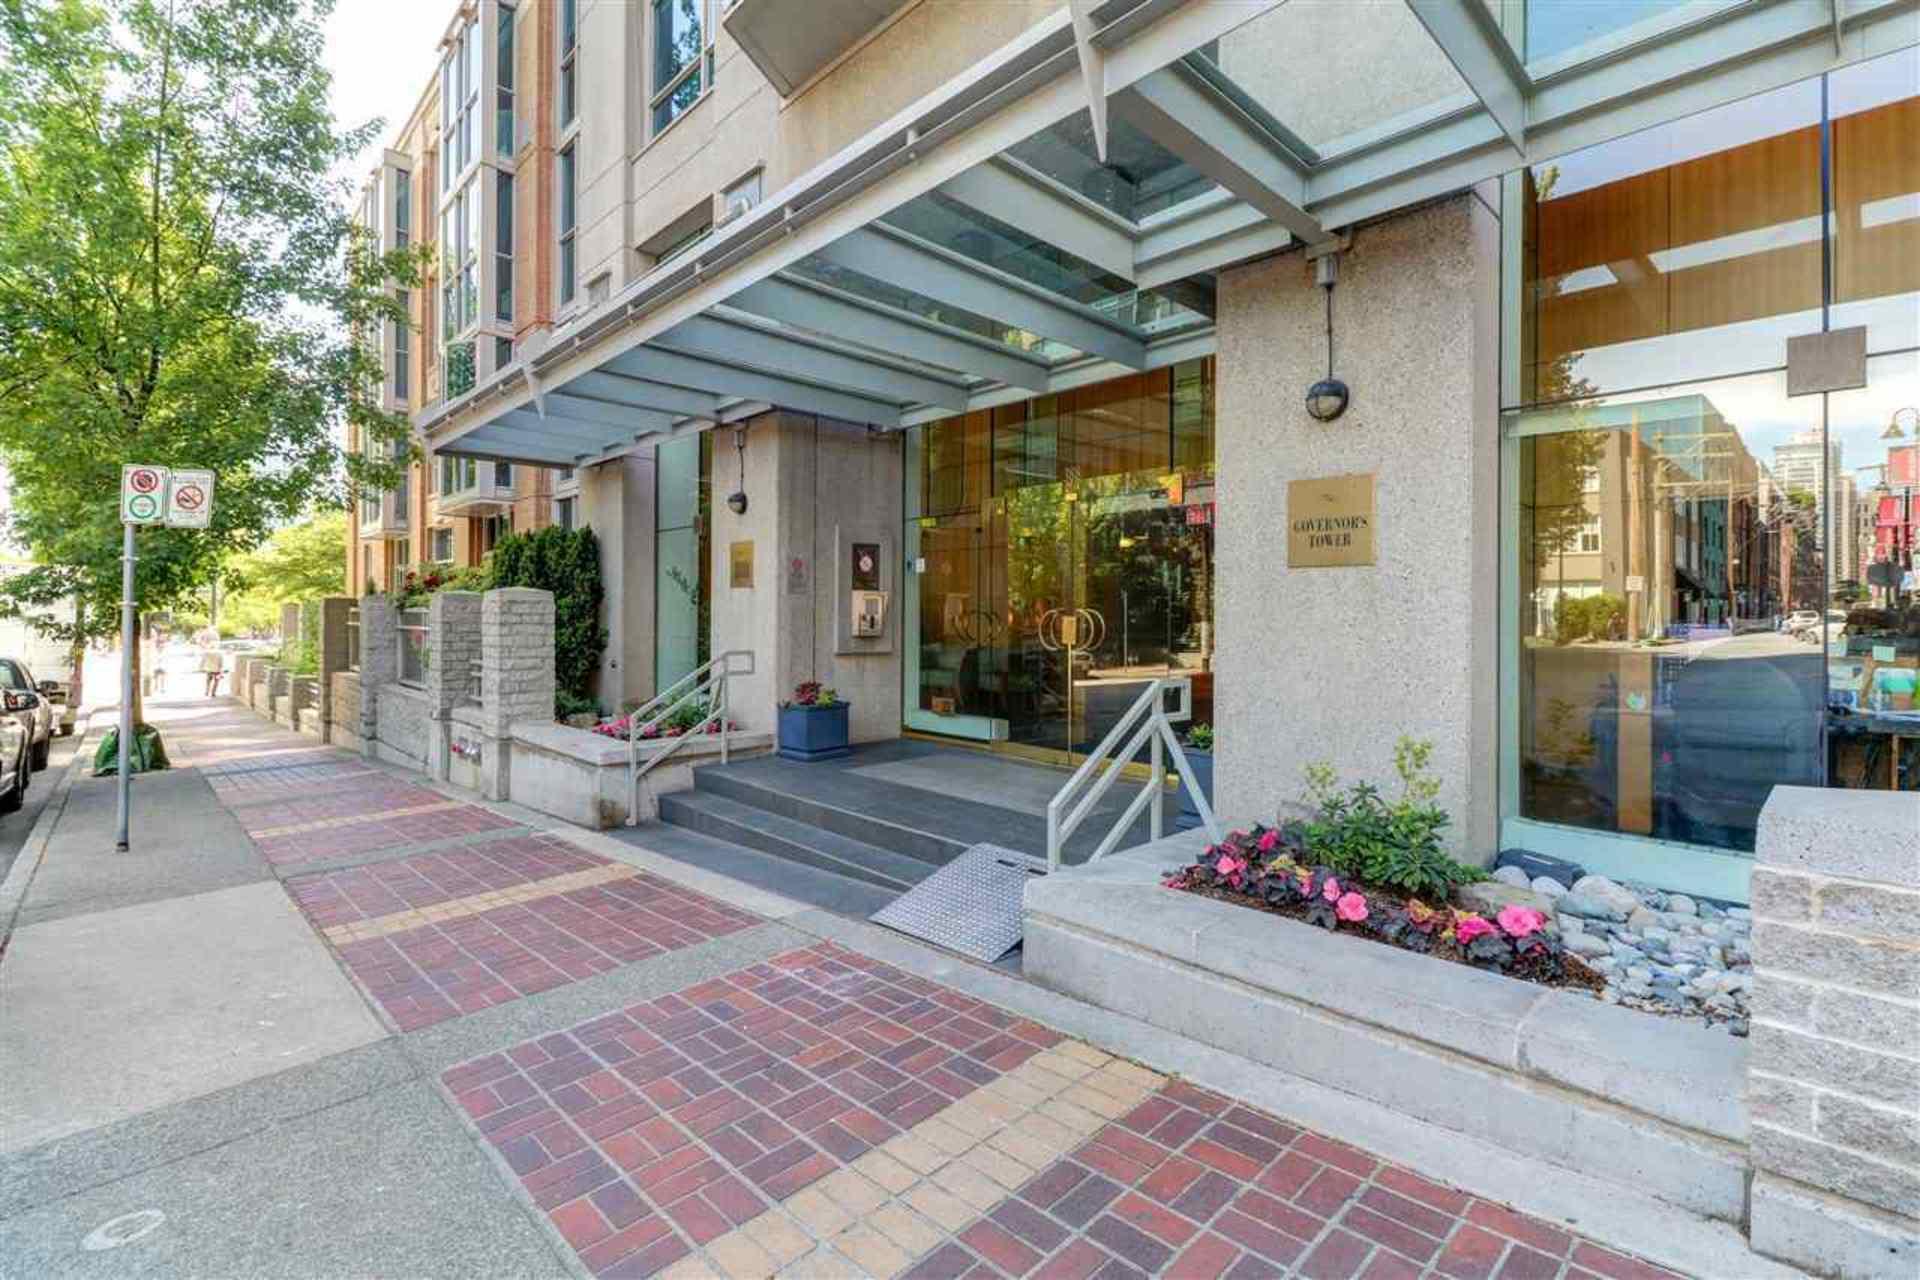 388-drake-street-yaletown-vancouver-west-02 at 103 - 388 Drake Street, Yaletown, Vancouver West